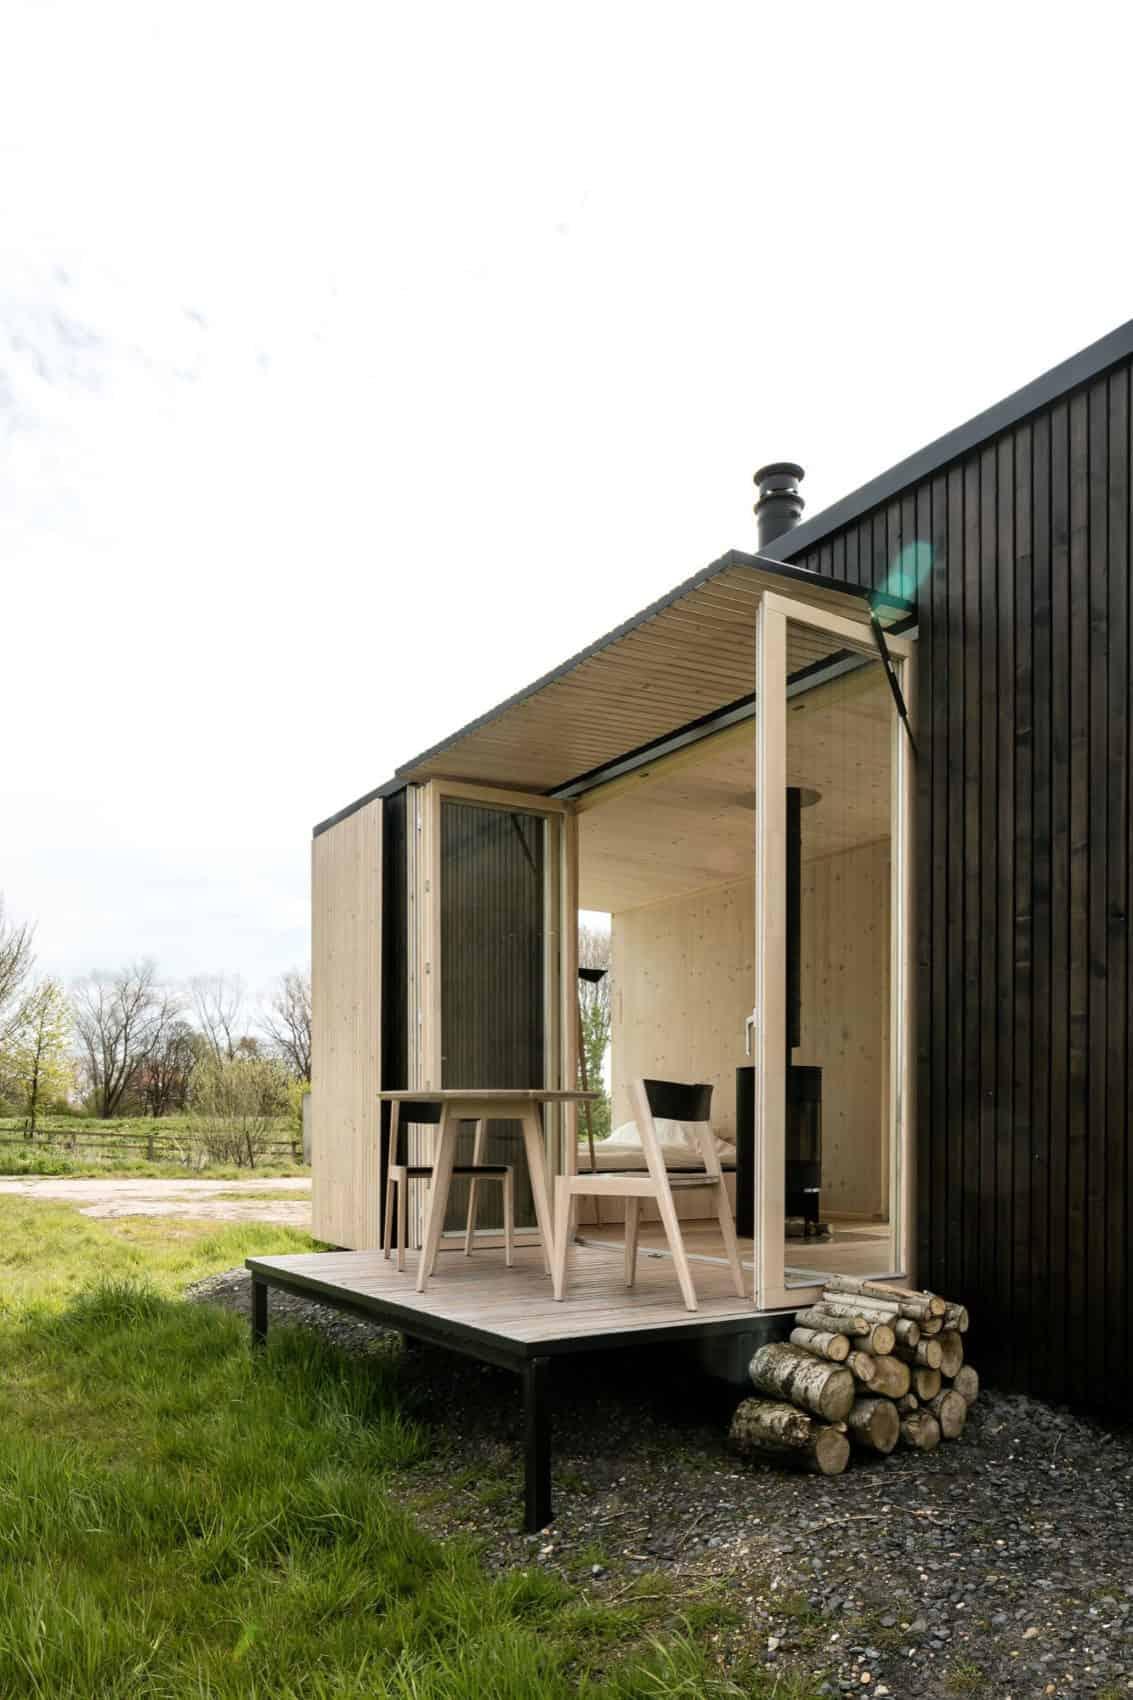 Ark Shelter by Michiel De Backer + Jakub Senkowski (4)